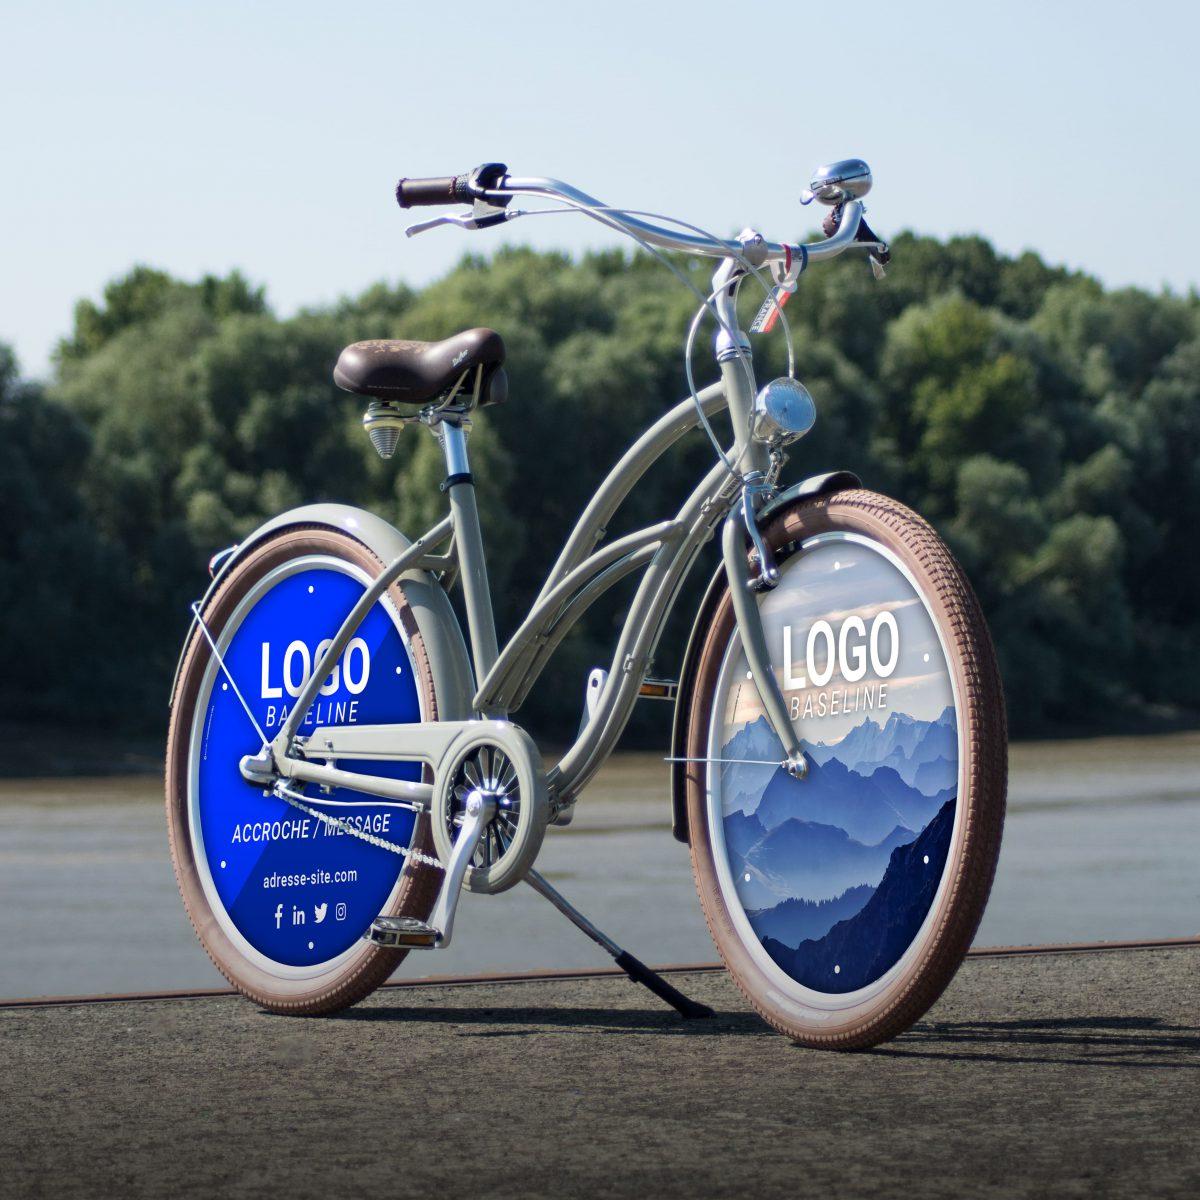 Vélo de fonction Cruiser mixter avec 2 enjoliveurs. Deux roues pleines aux couleurs de votre entreprise pour favoriser le vélotaf auprès de vos salariés